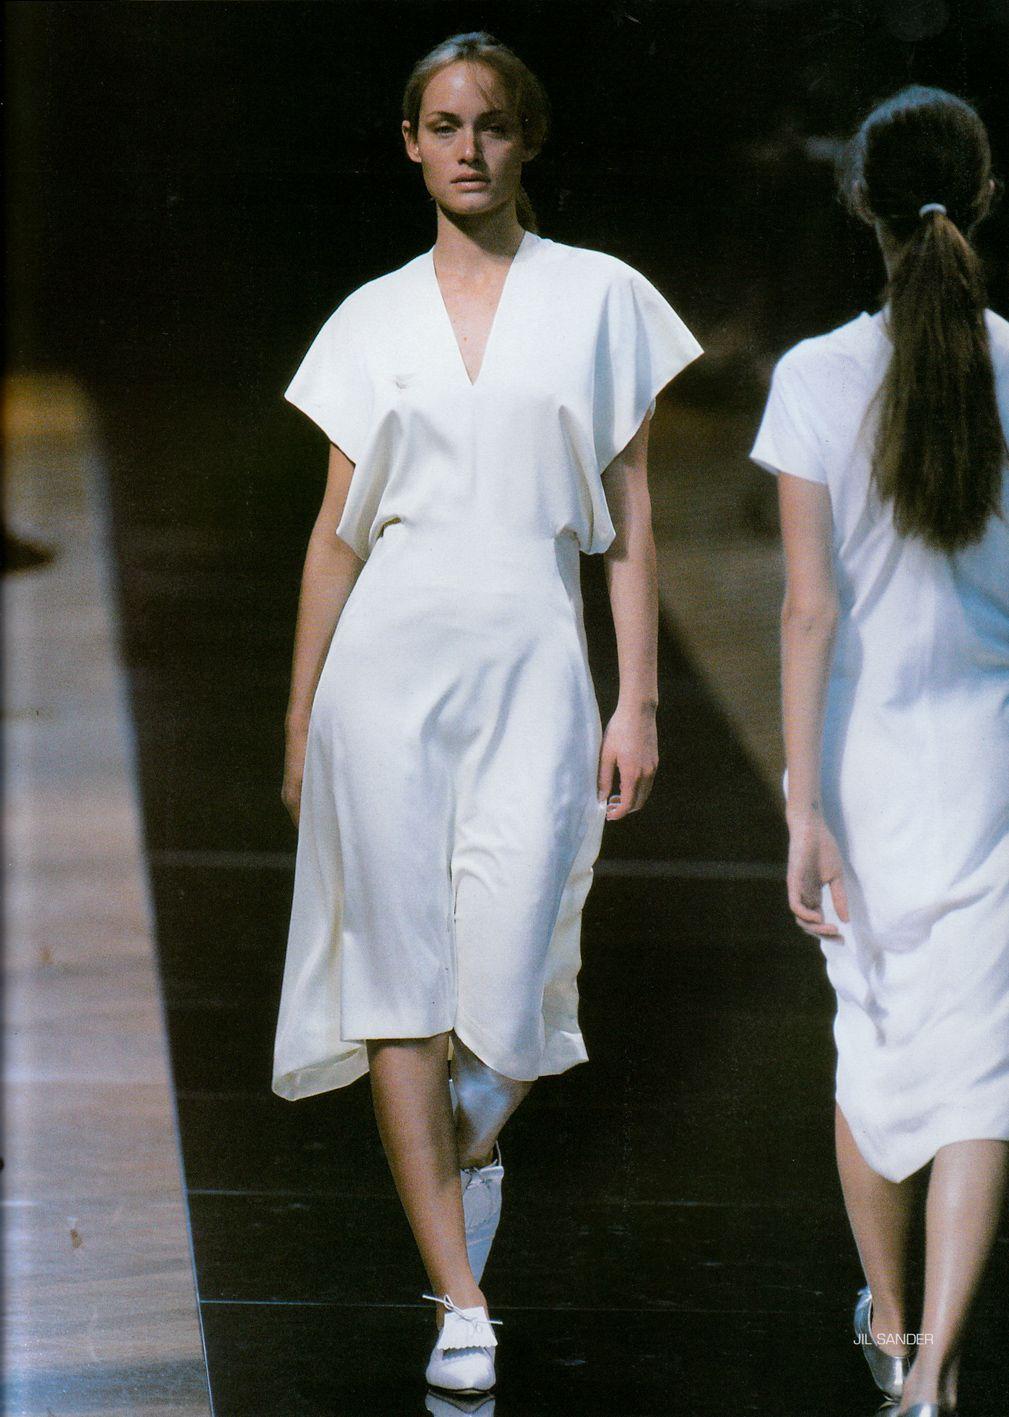 Jil Sander RTW mùa Xuân 1998 Amber Valletta thời trang thập niên 90